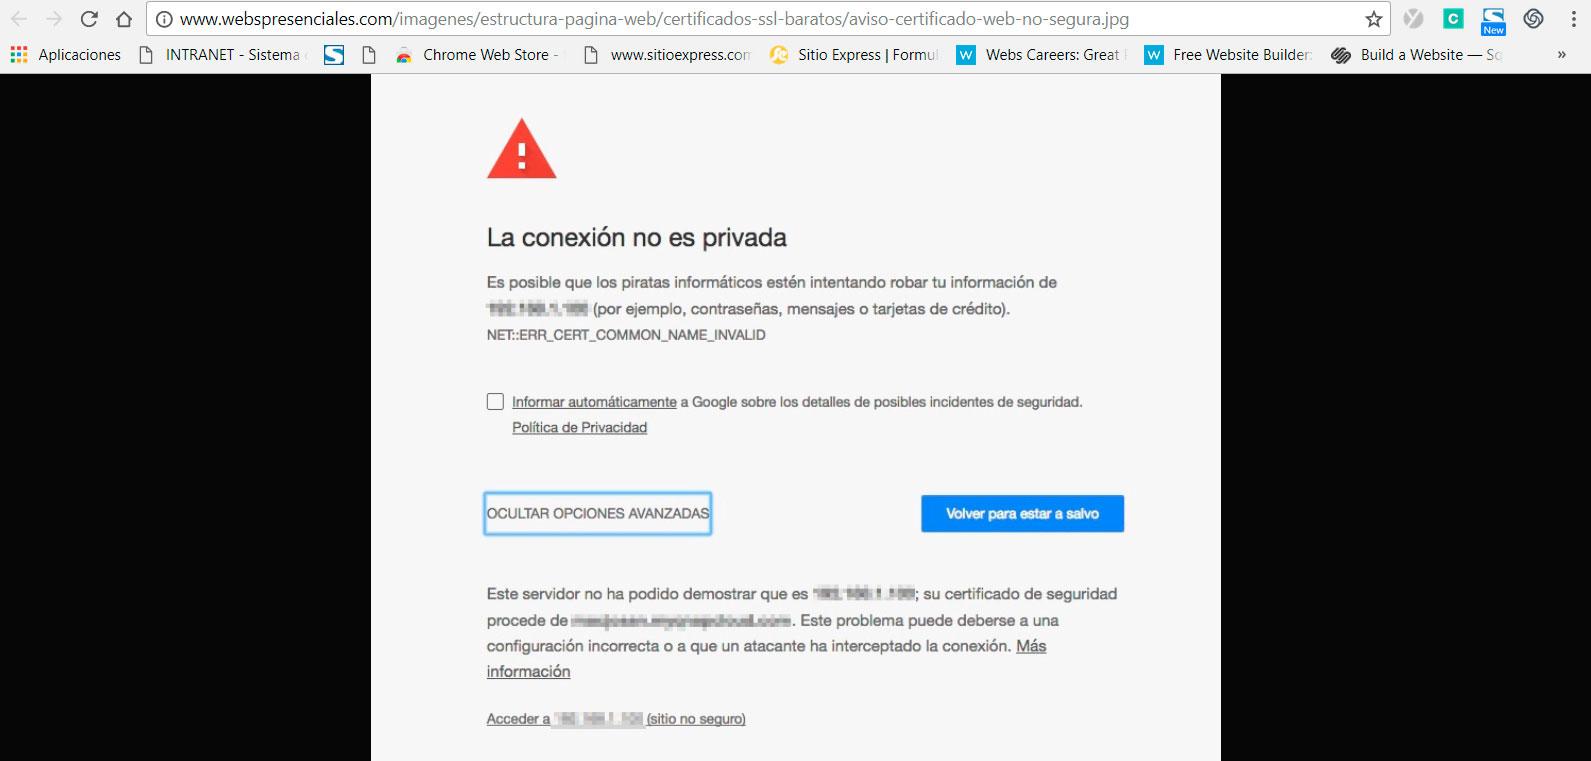 Qué es un Certificado SSL – Sitio Express